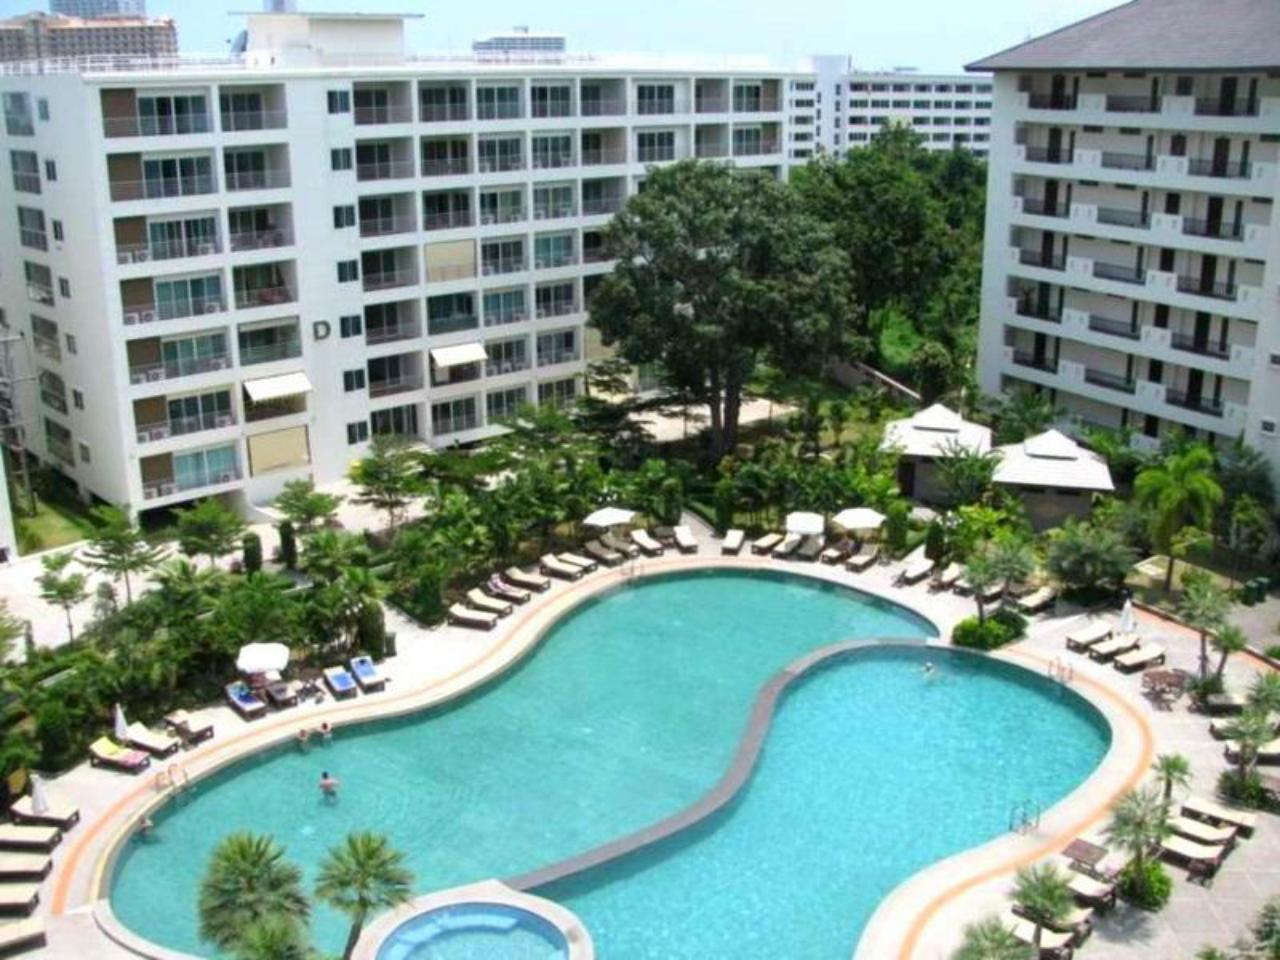 วงศ์อมาตย์ ไพรเวซี่ บาย กู้ดลัค อพาร์ตเมนต์ (Wongamat Privacy by Good Luck Apartments)